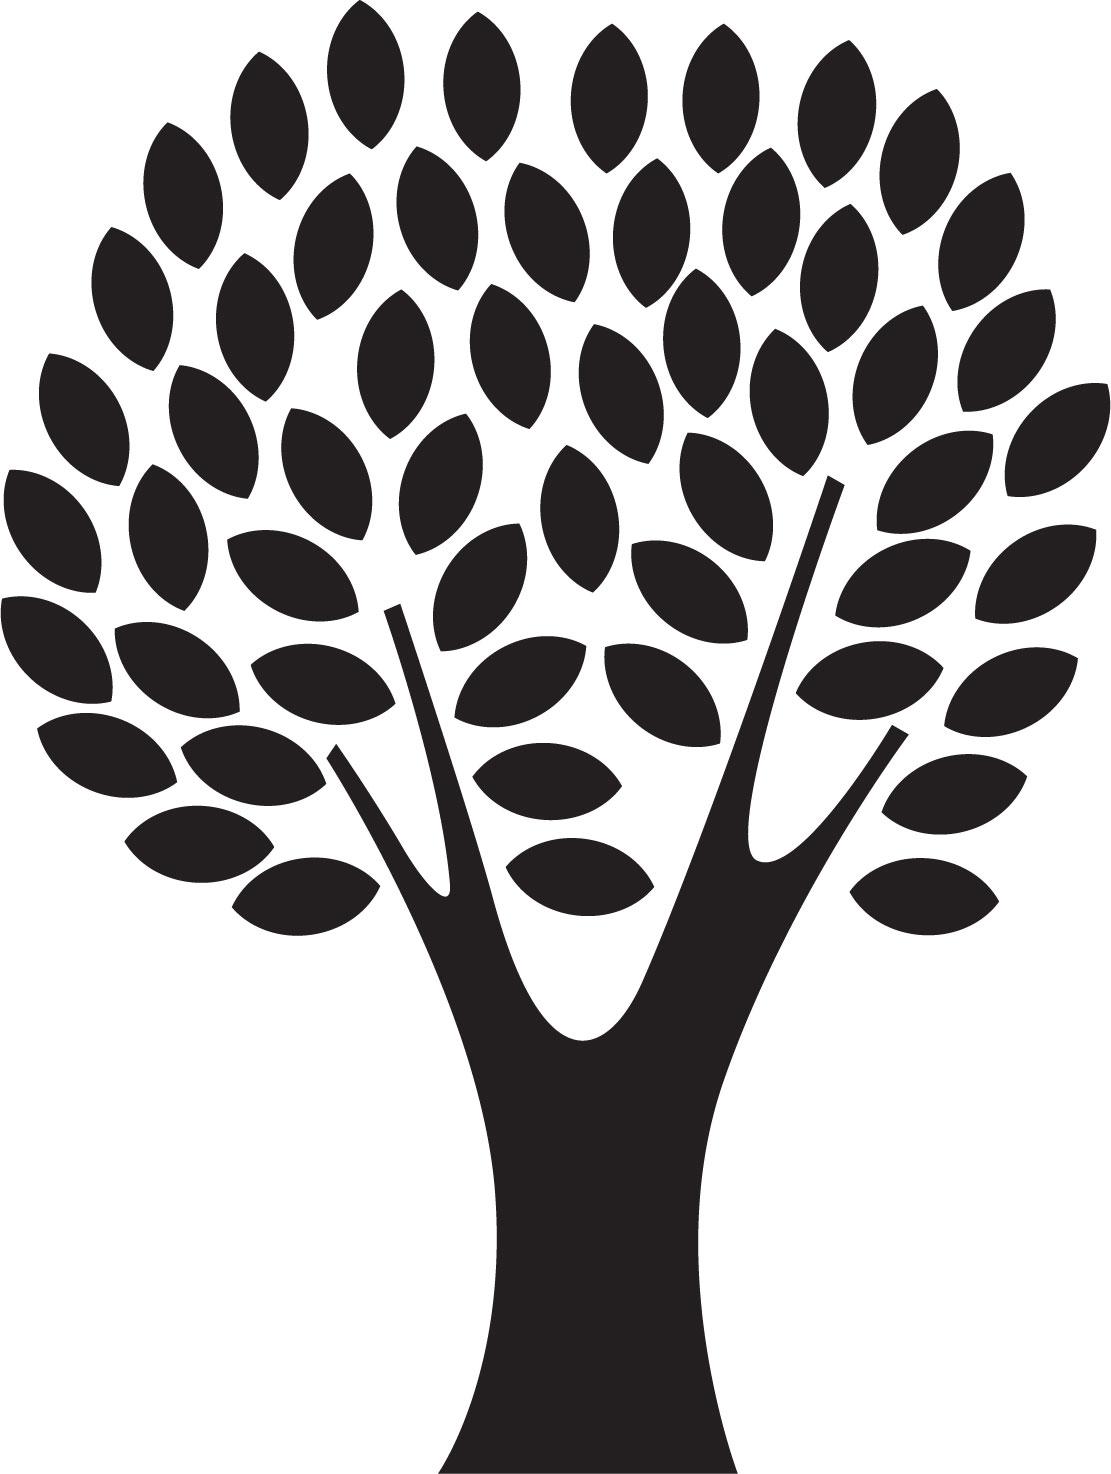 葉っぱや草木のイラスト画像フリー素材白黒no413白黒木枝葉